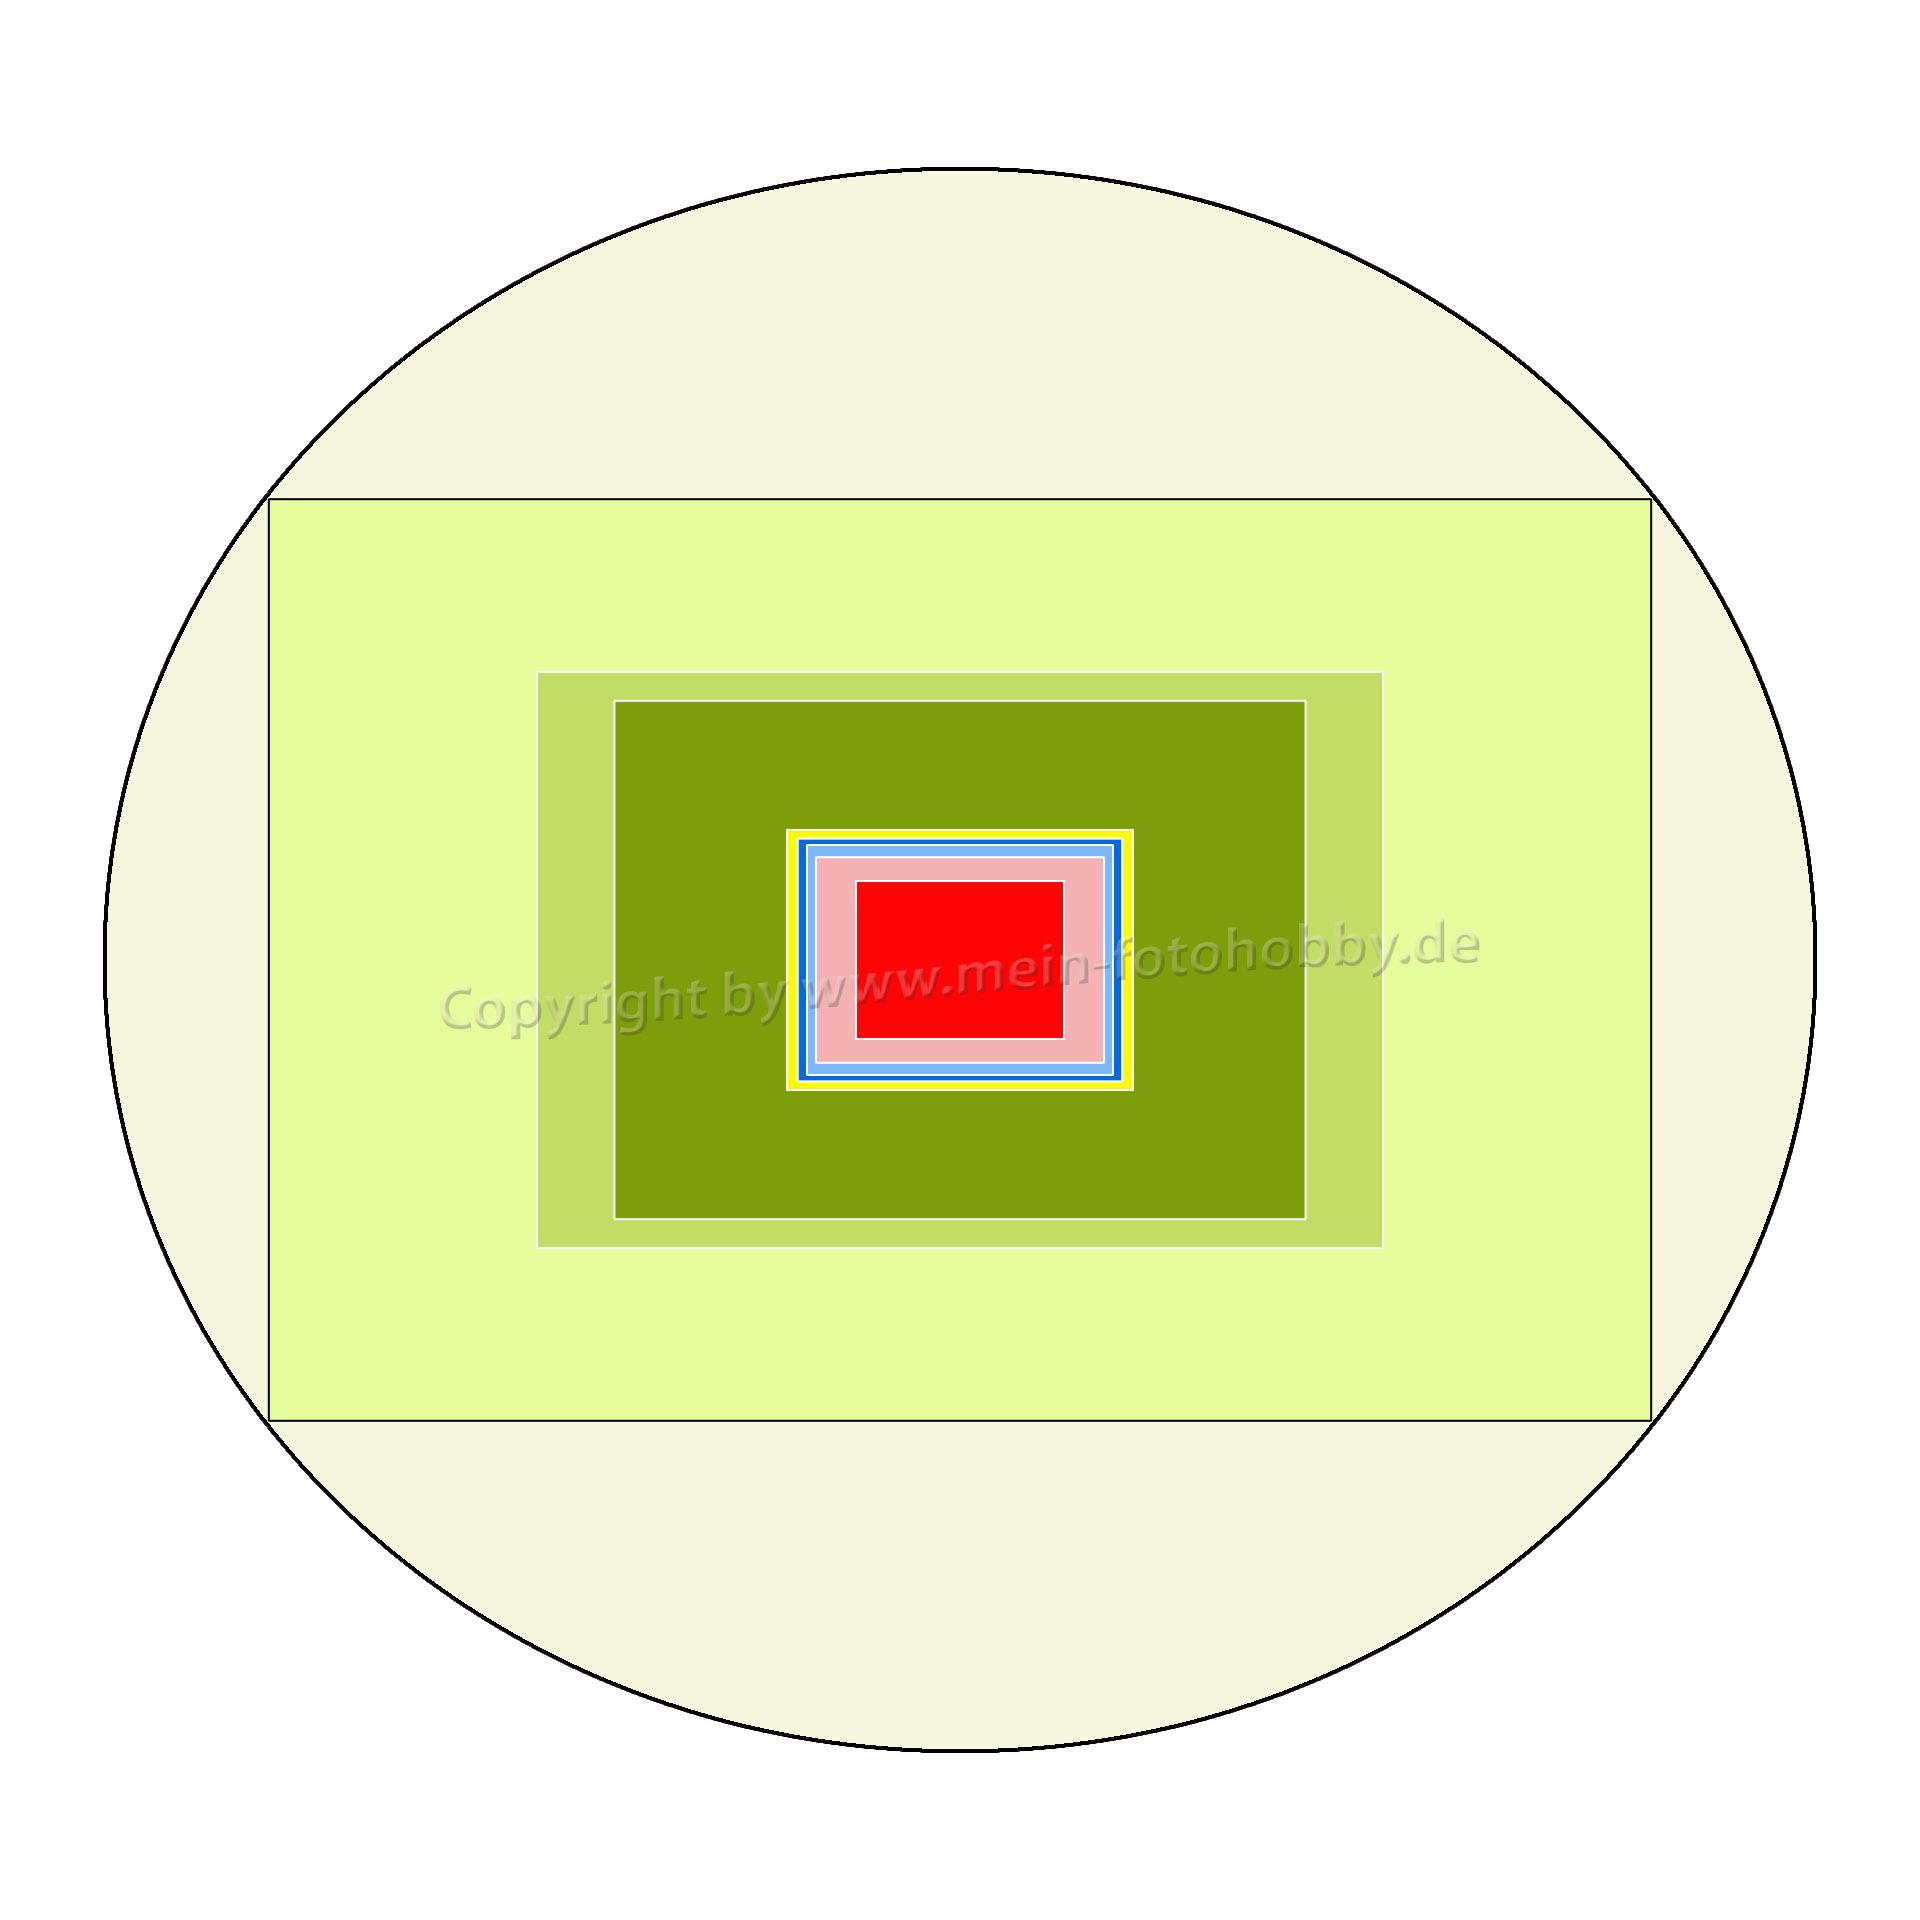 Grafik: Sensorgroessen im Vergleich